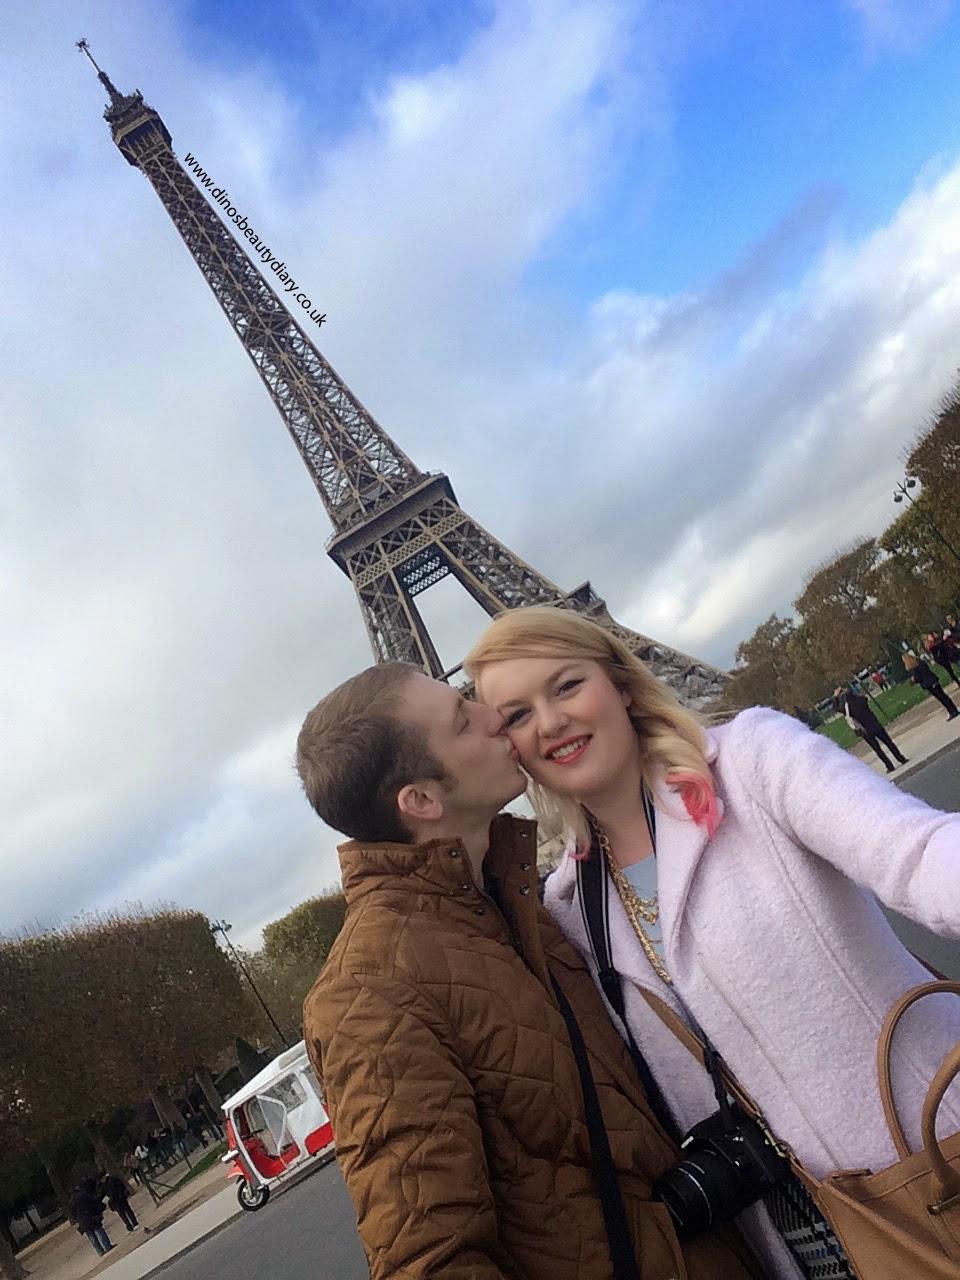 Dino's Beauty Diary - Paris Diary - Eiffel Tower, Arc de Triomphe, Champs-Élysées